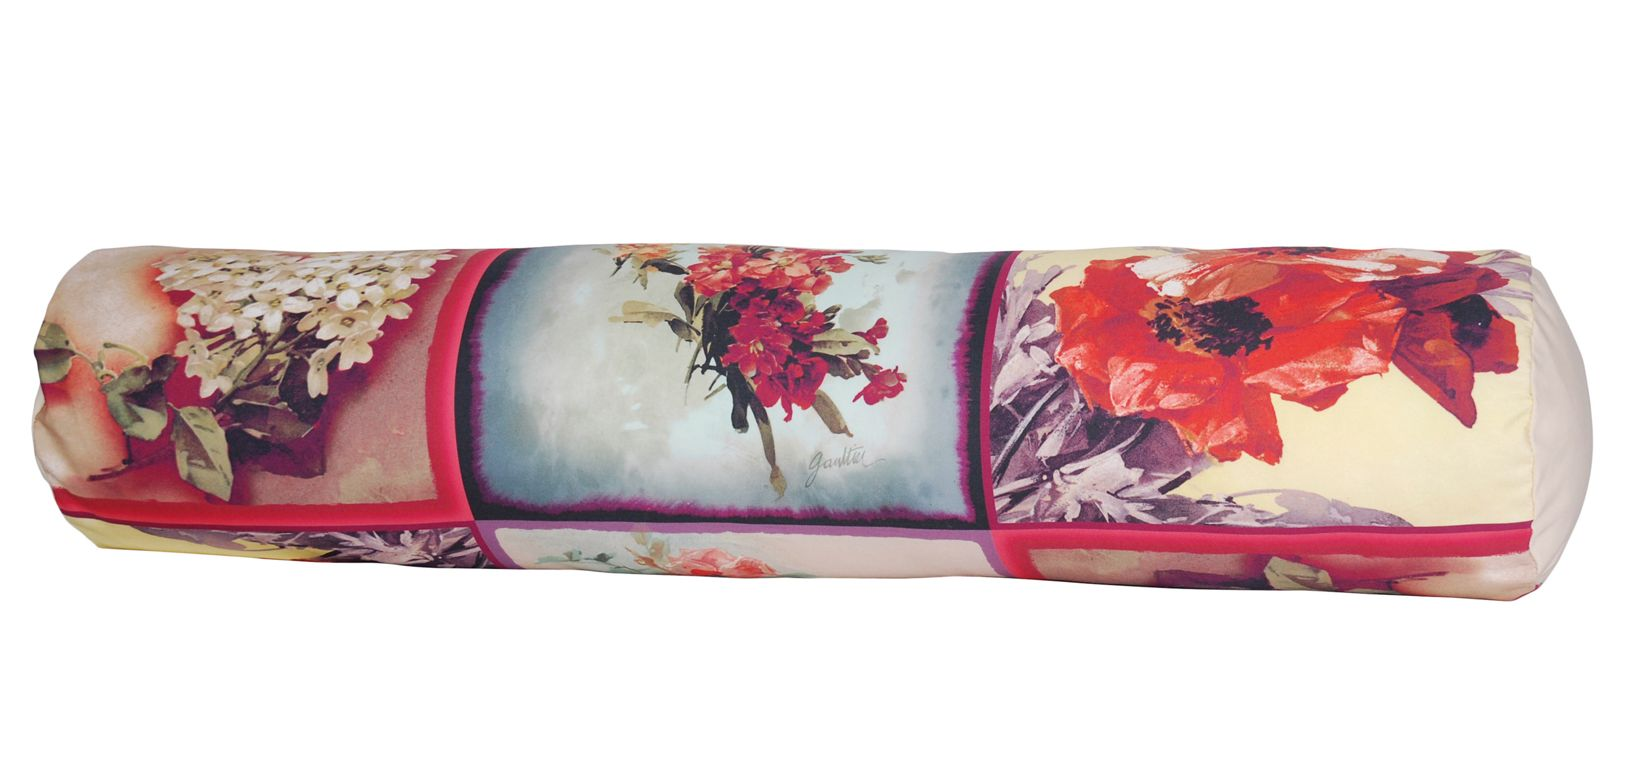 Coussin dimanche de mai jean paul gaultier roche bobois for Canape jean paul gaultier